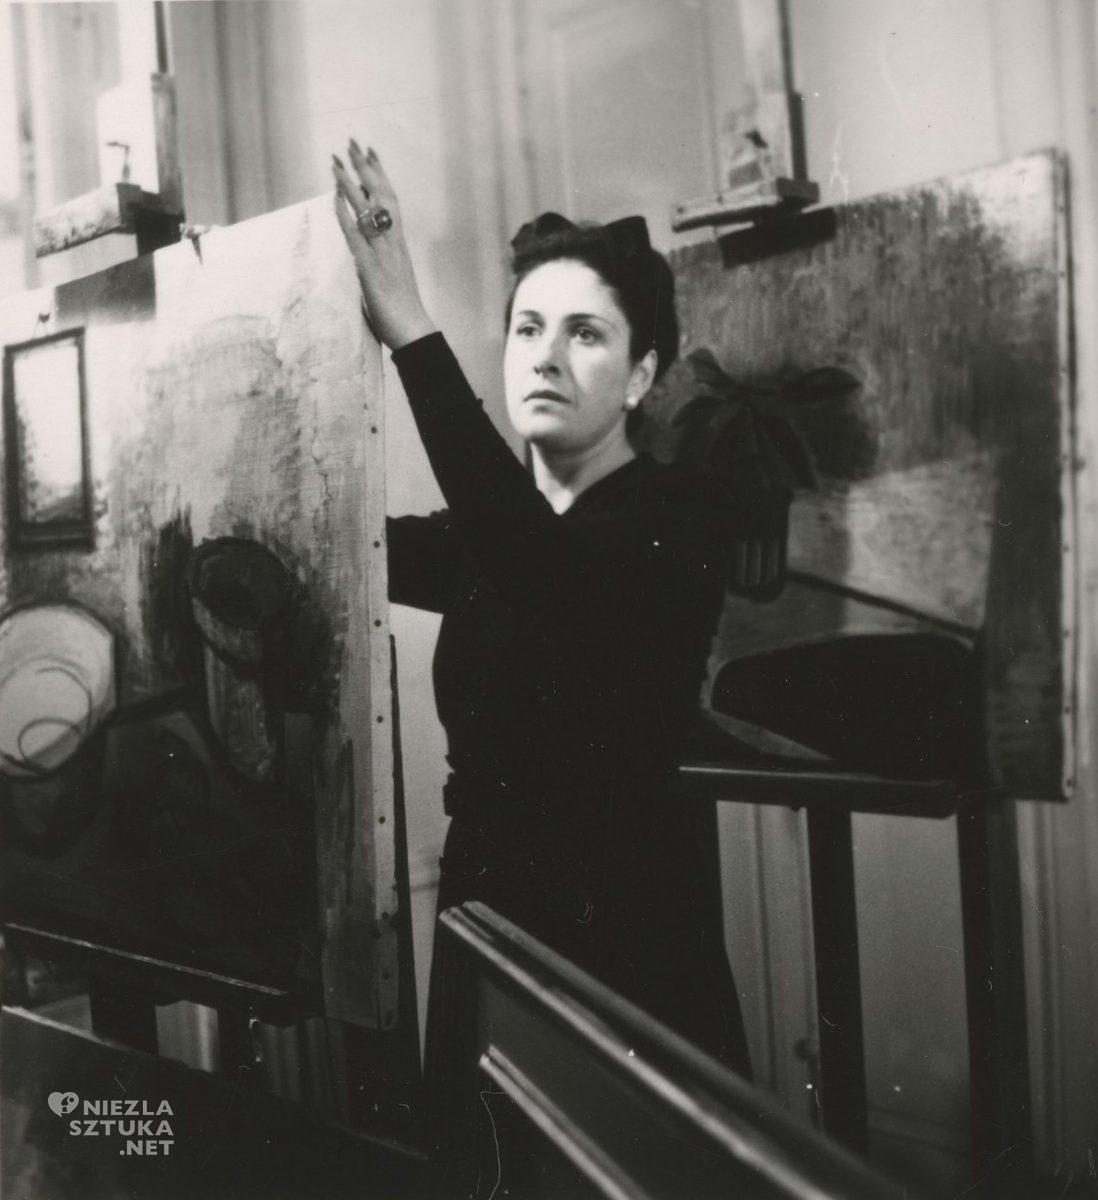 Dora Maar, atelier, fotografia, w pracowni artysty, Paryż, Pablo Picasso, kobiety w sztuce, Niezła Sztuka